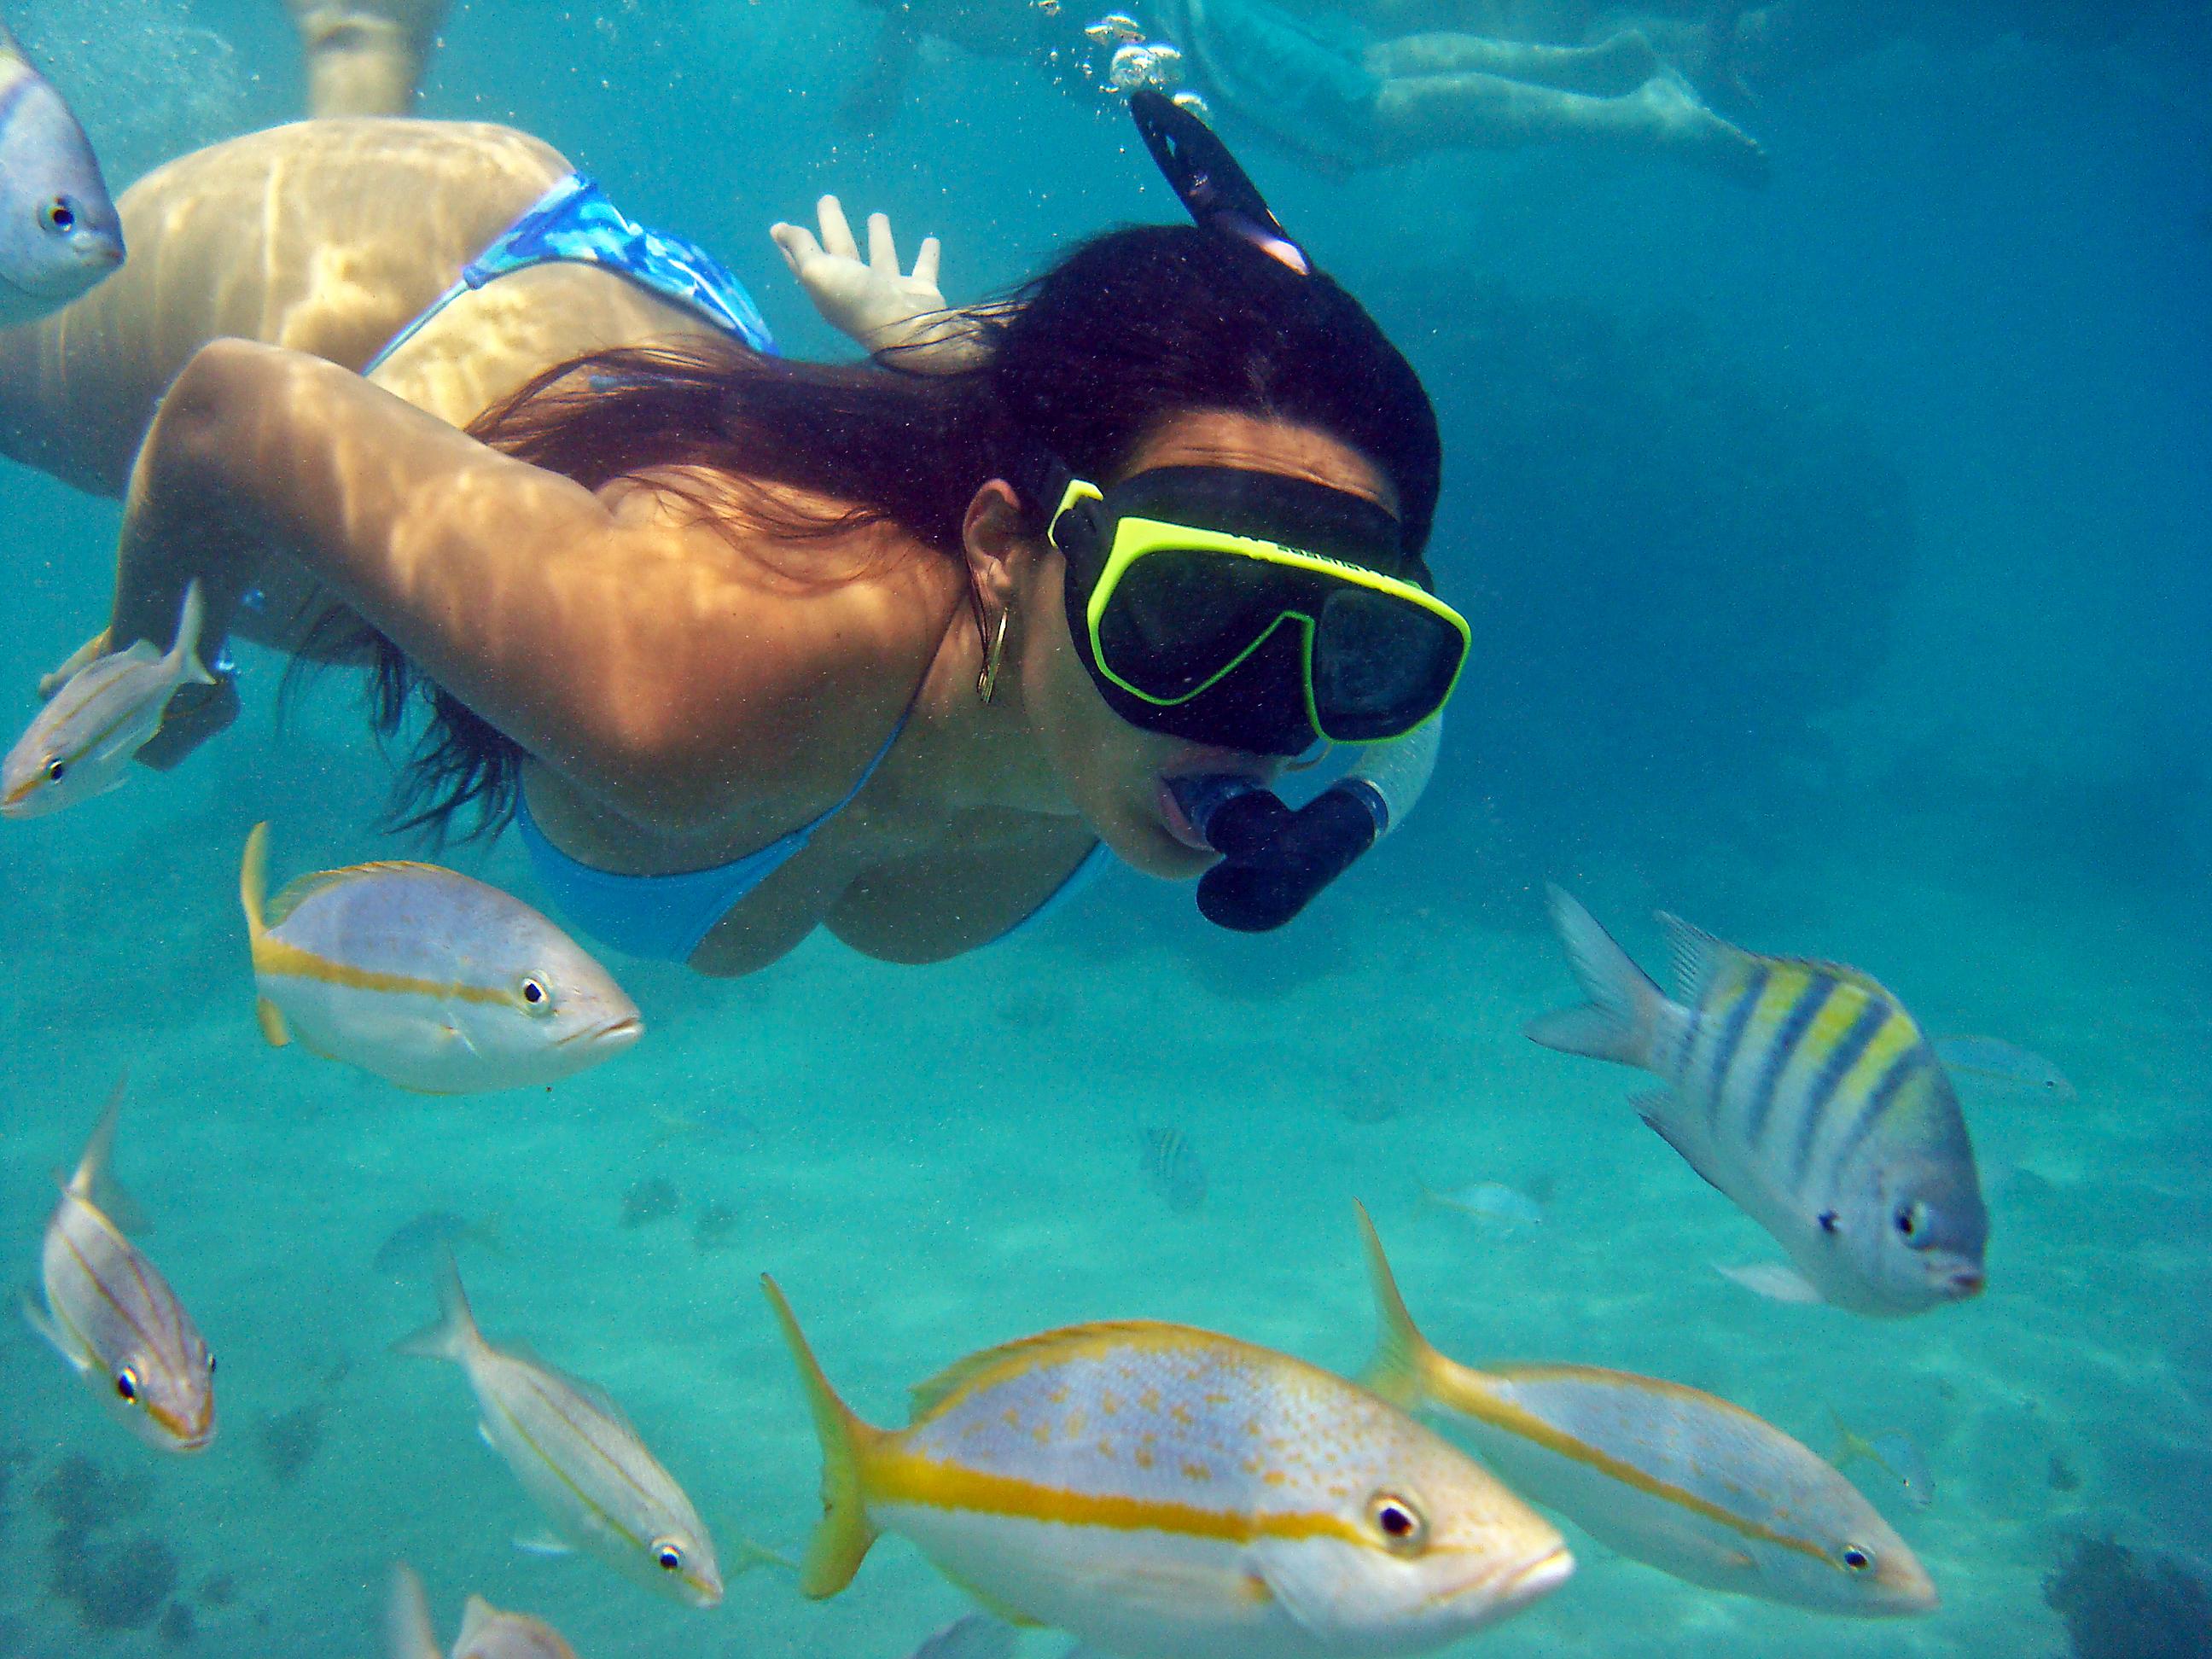 Mergulho em Maracajau é algo fora do comum